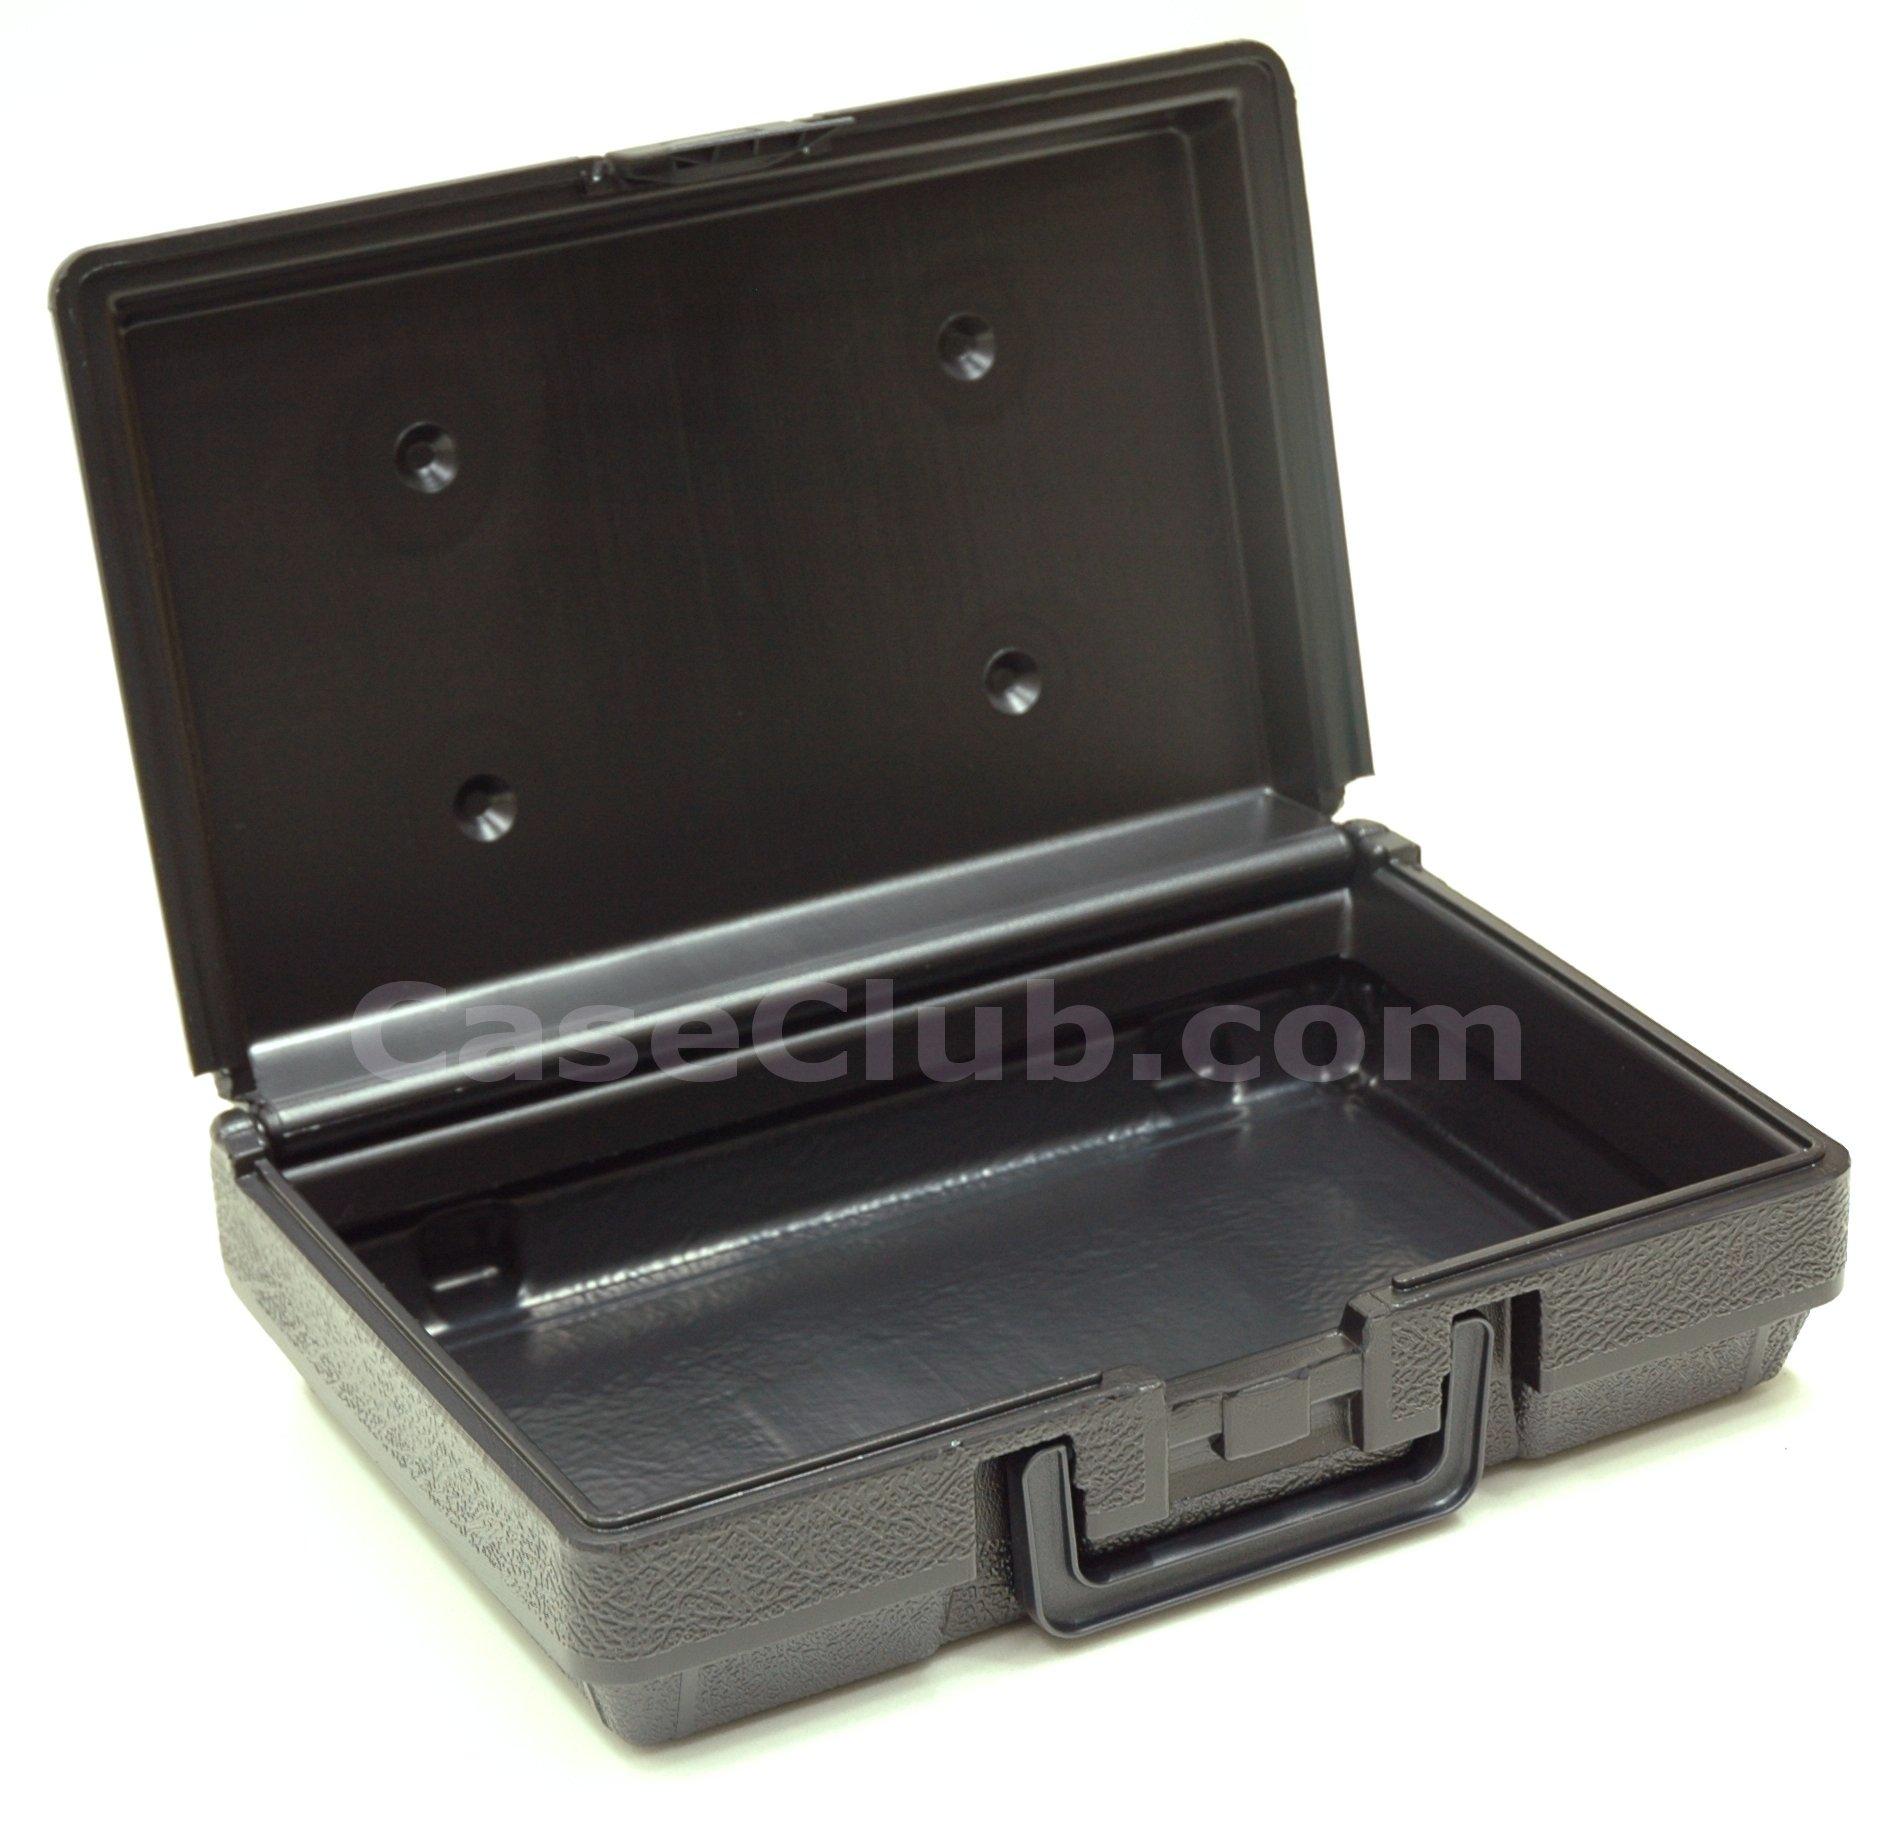 W12x8.0x3.5 Case